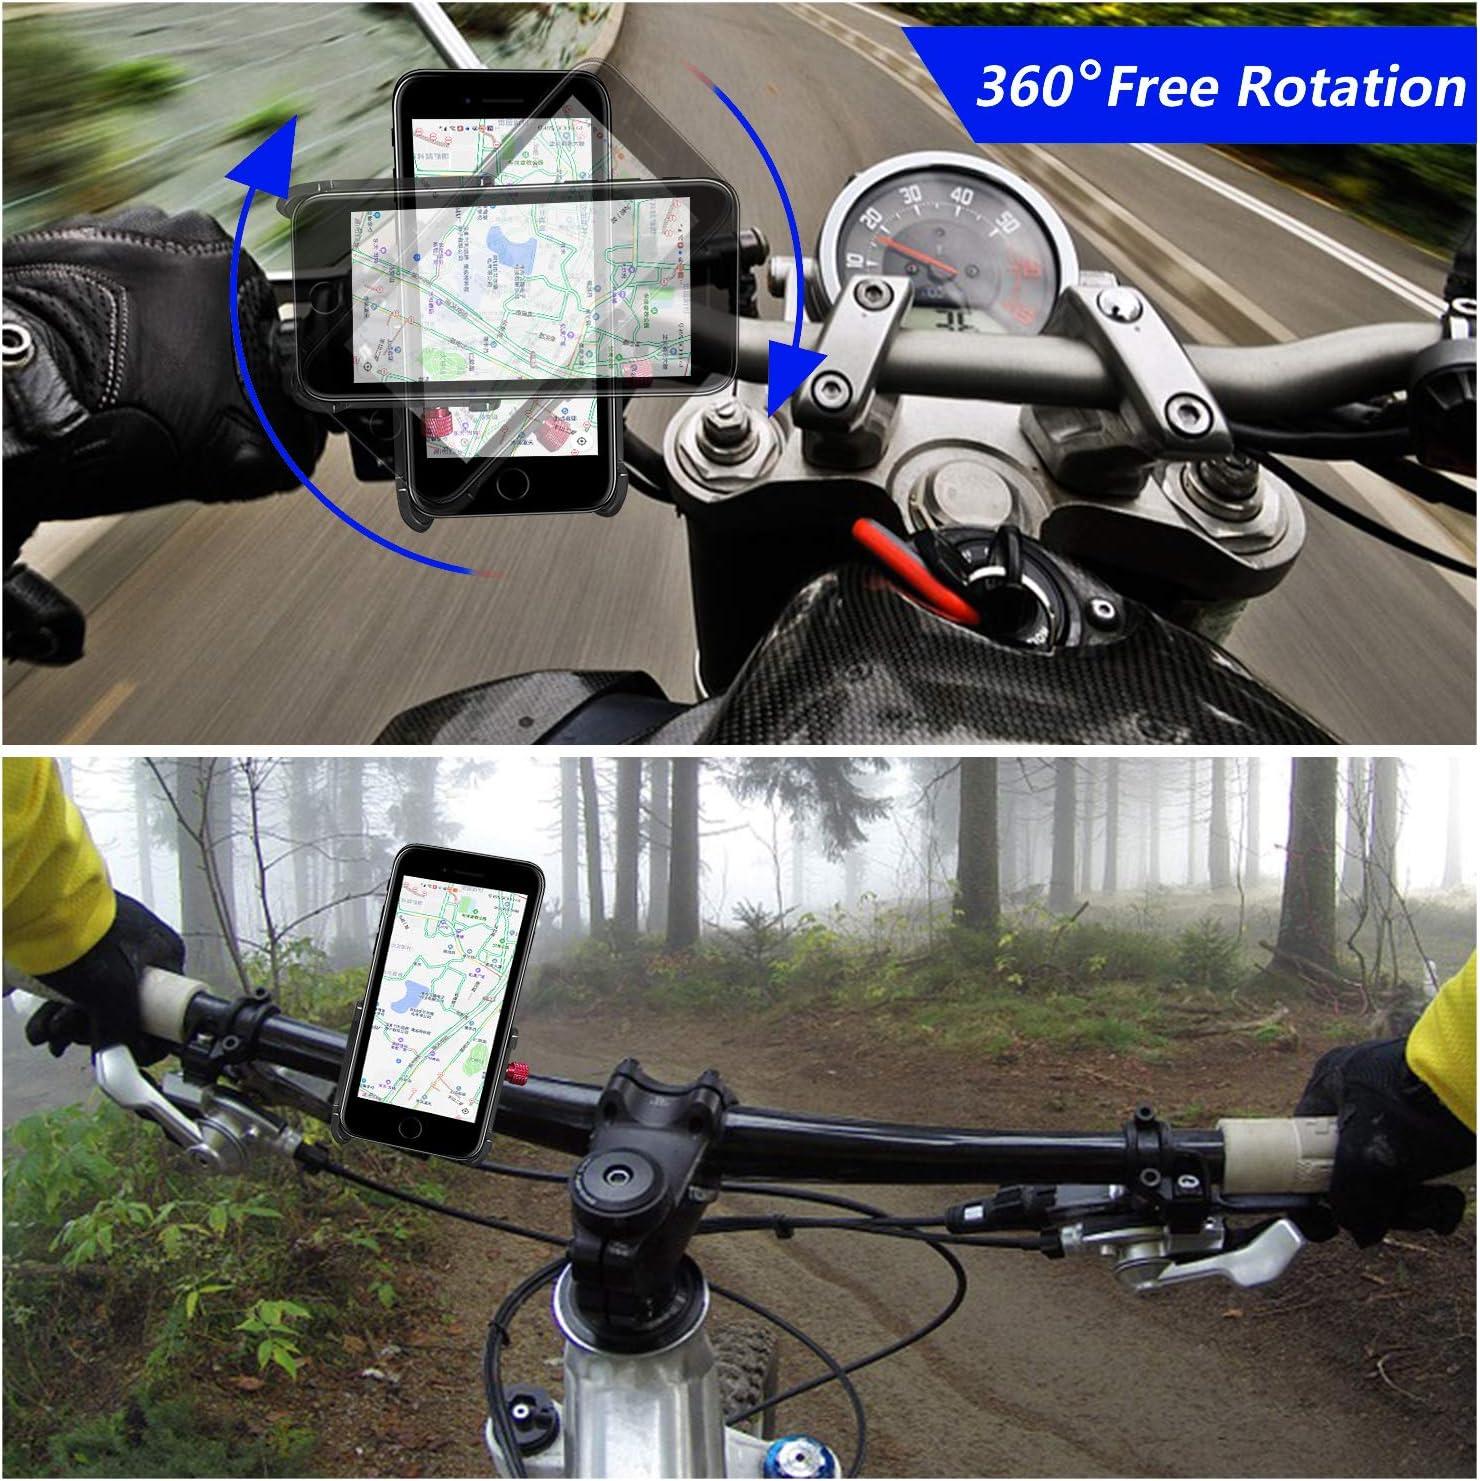 ENONEO Soporte Movil Bicicleta 360 Rotación Soporte Telefono Moto ...